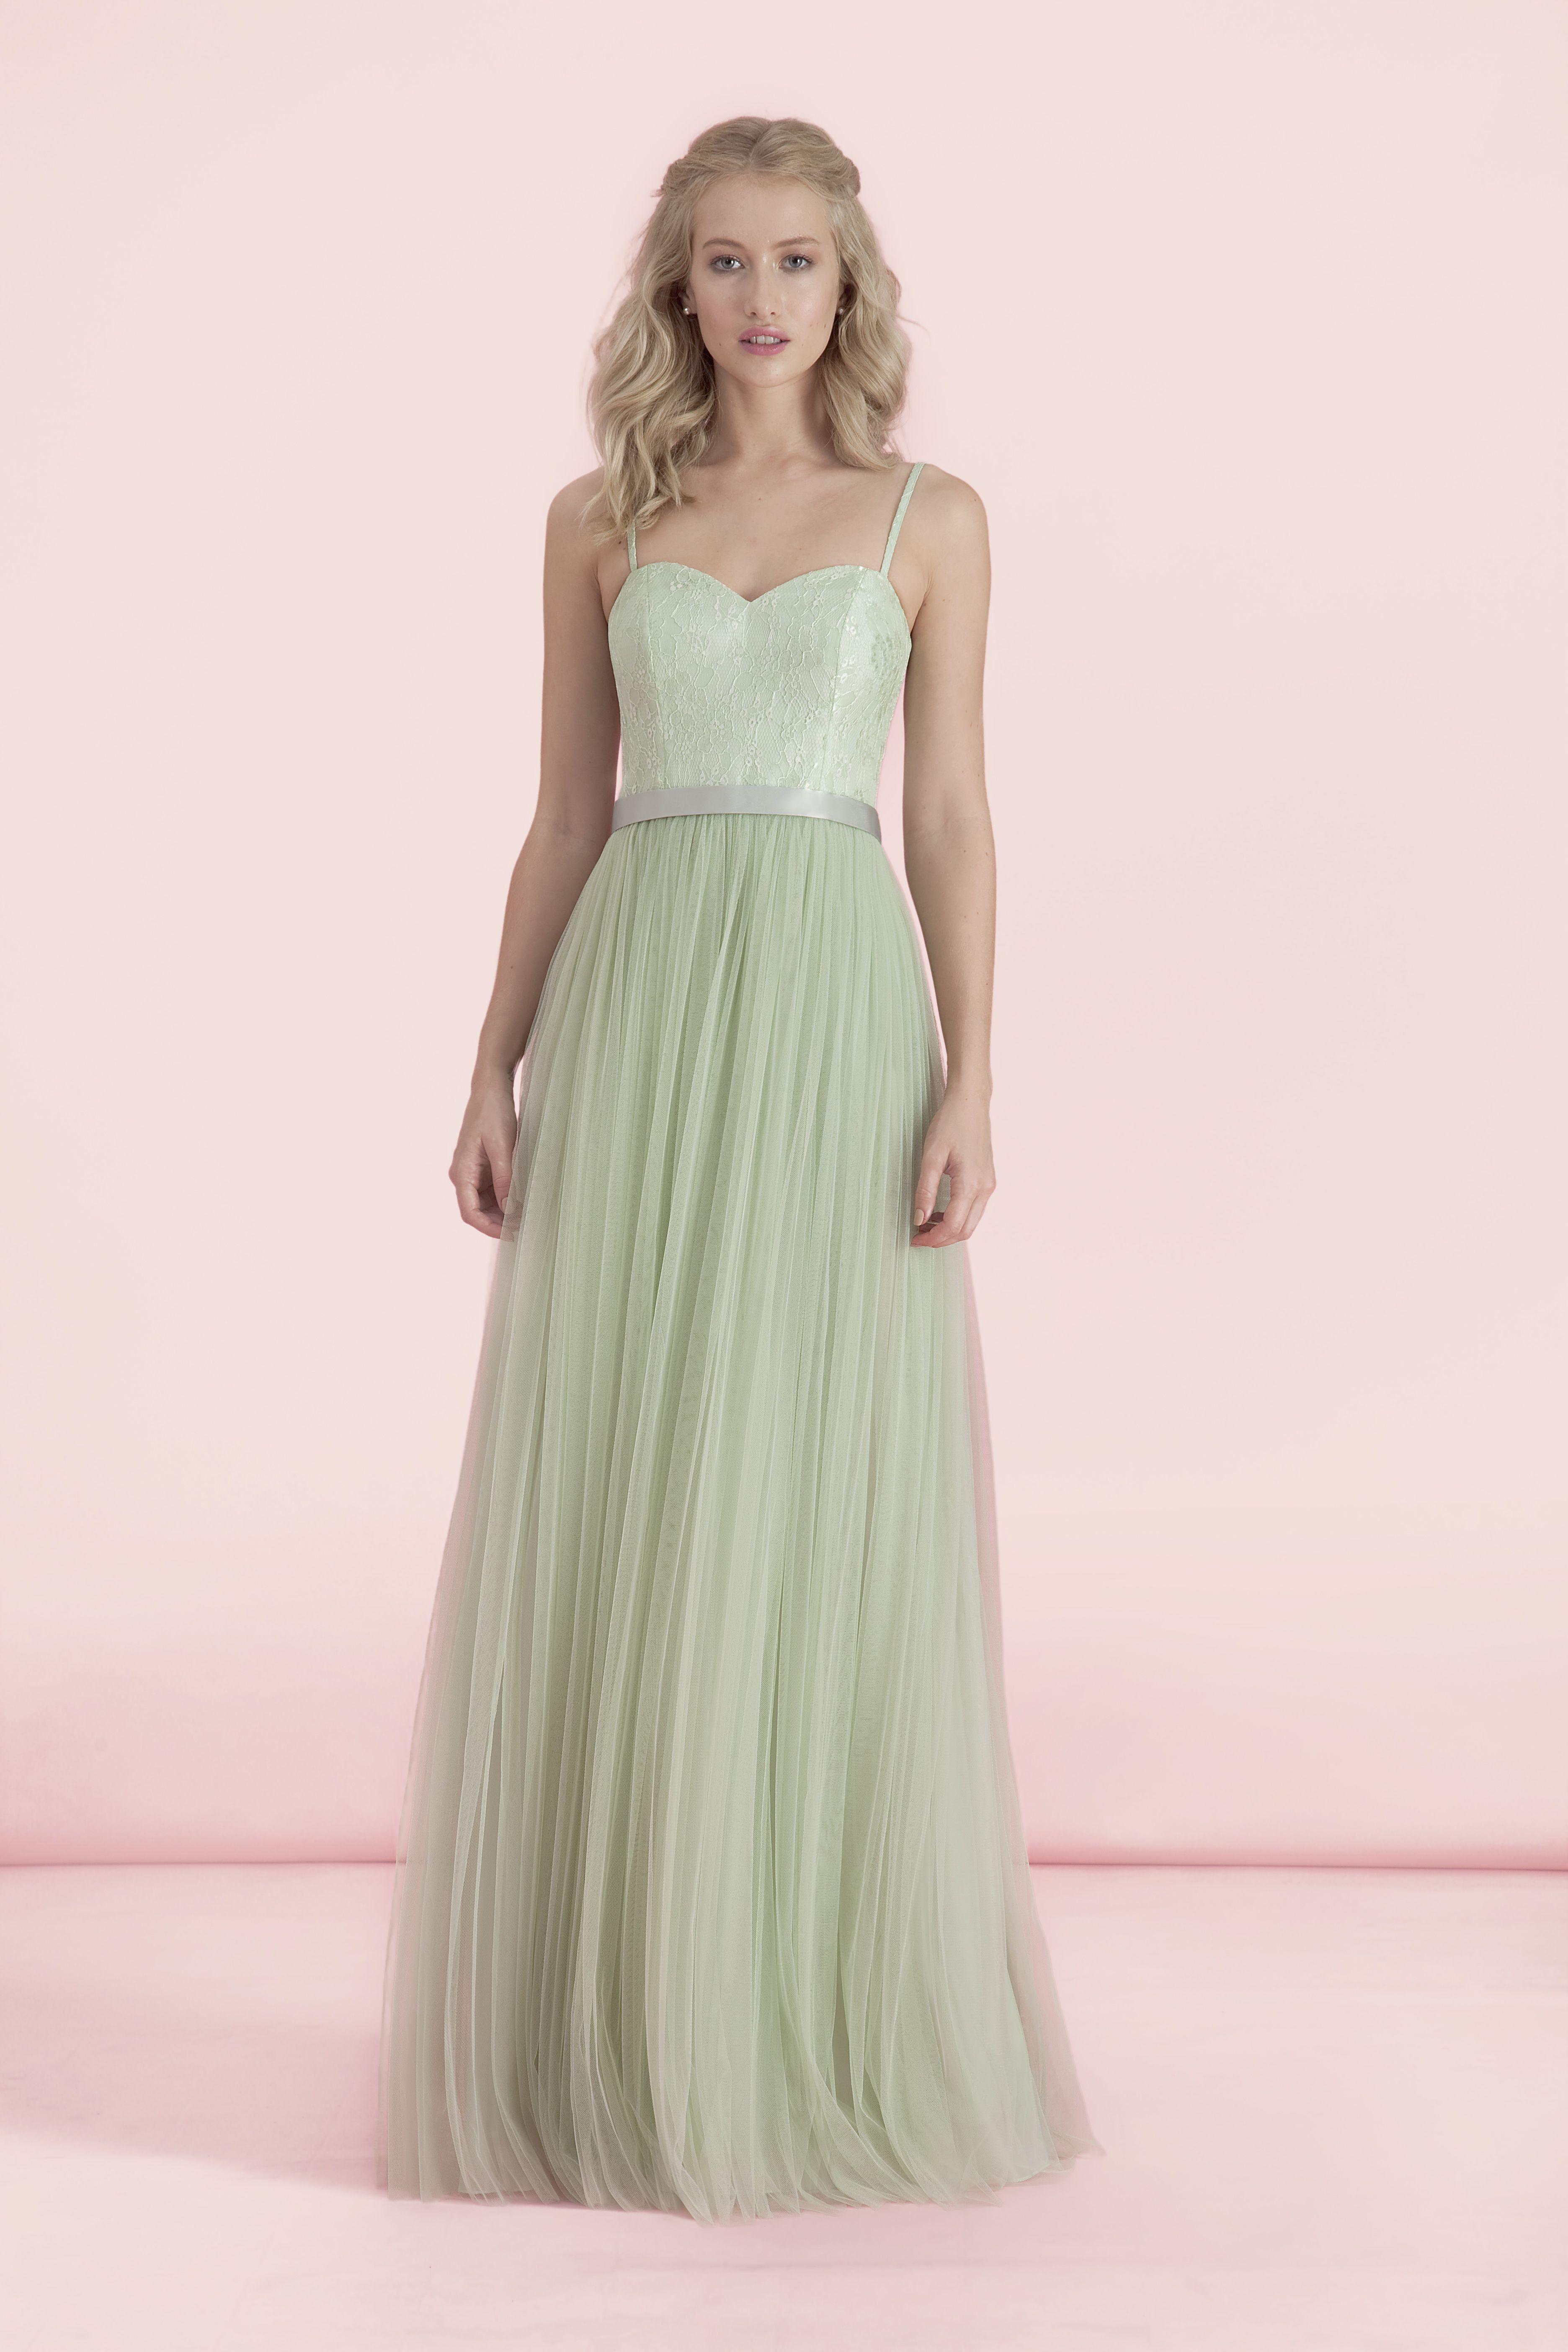 Green bridesmaids dress   Green u Front  Wedding  Pinterest  Wedding